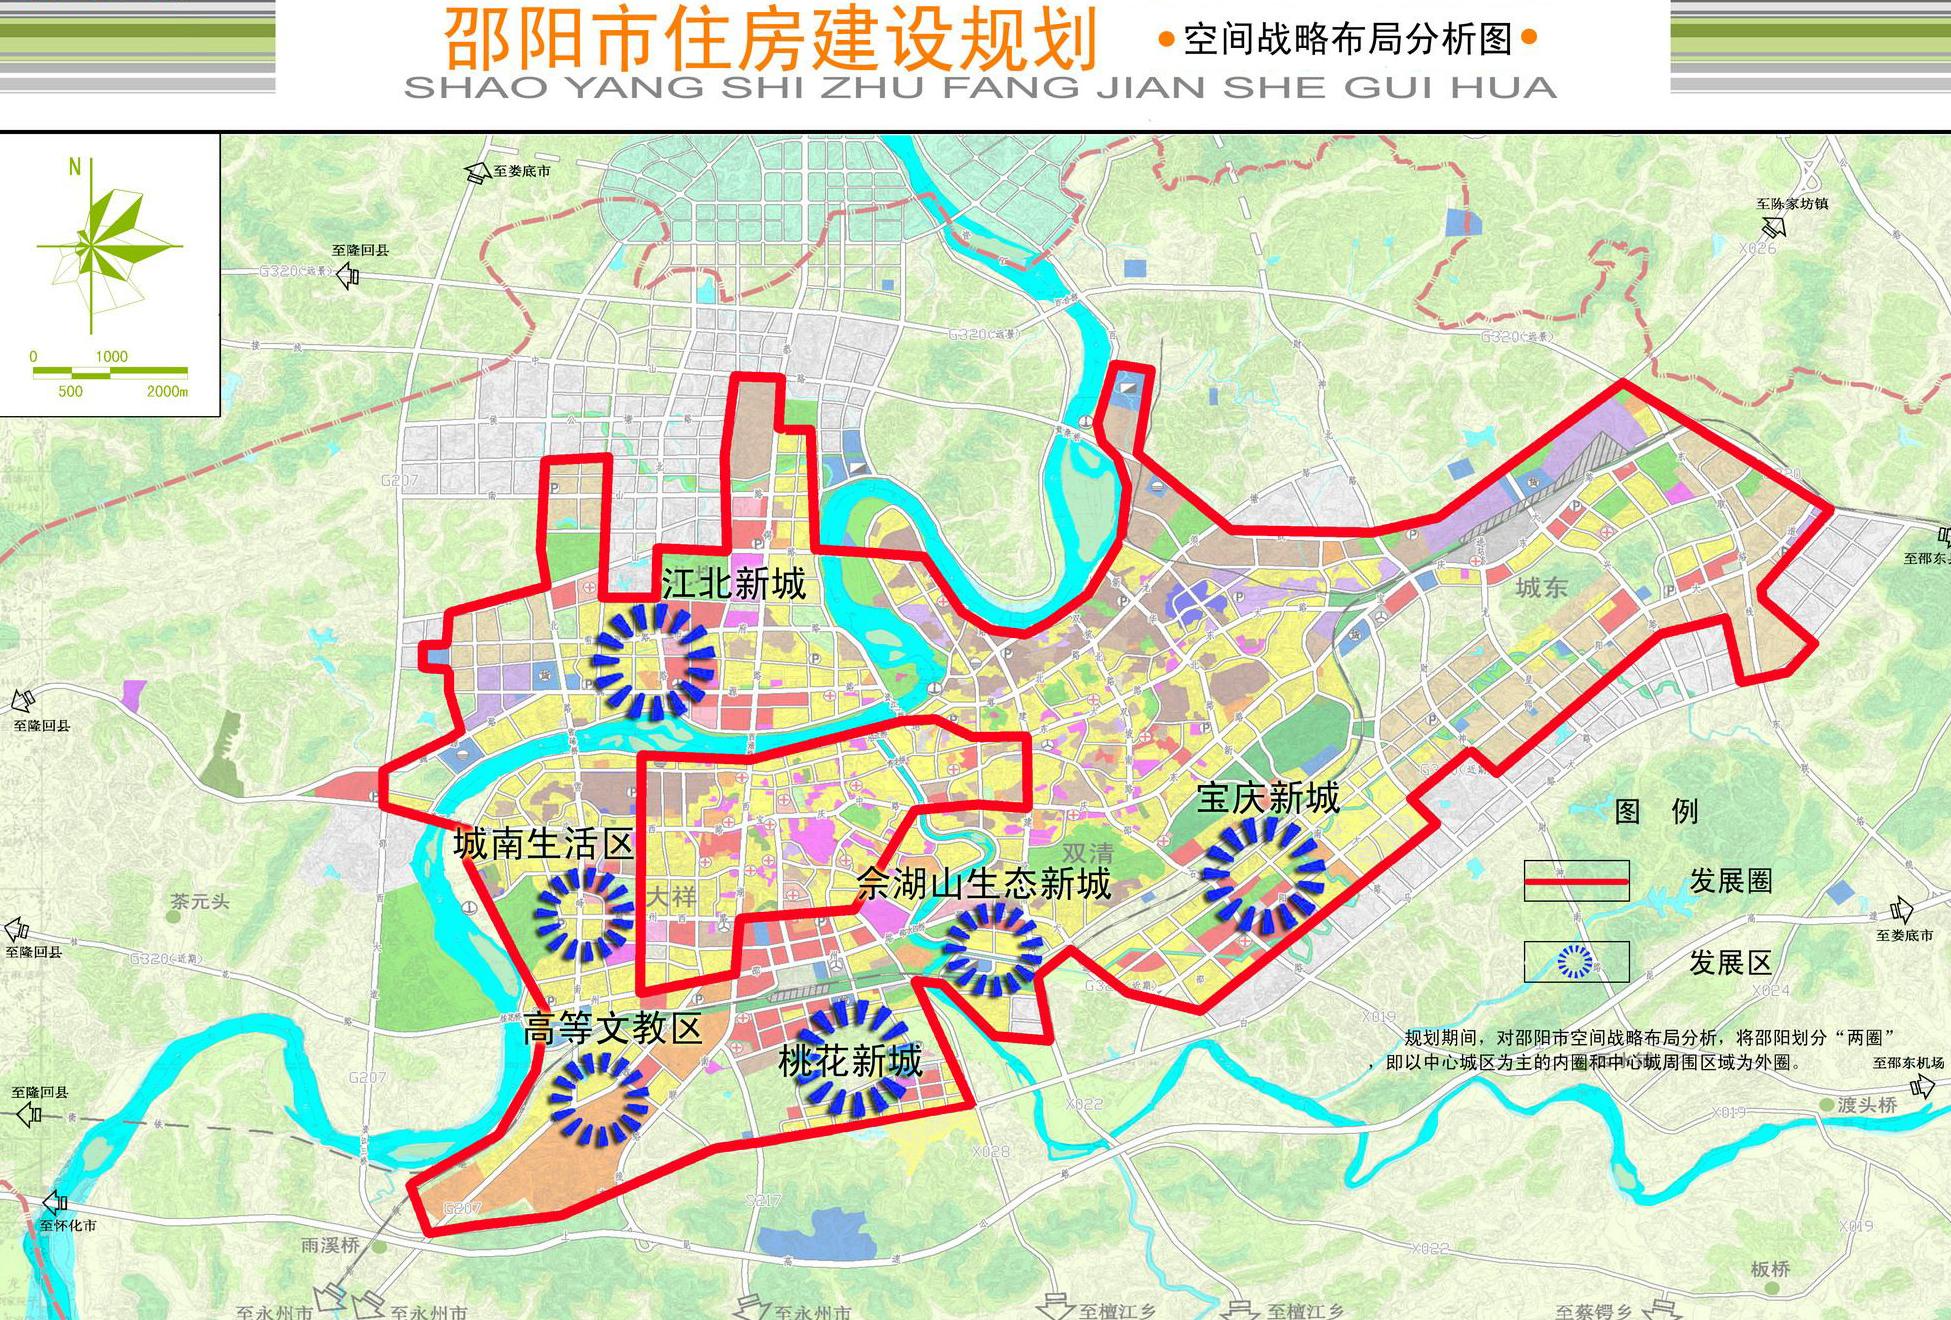 邵阳市城区空间战略布局分析图